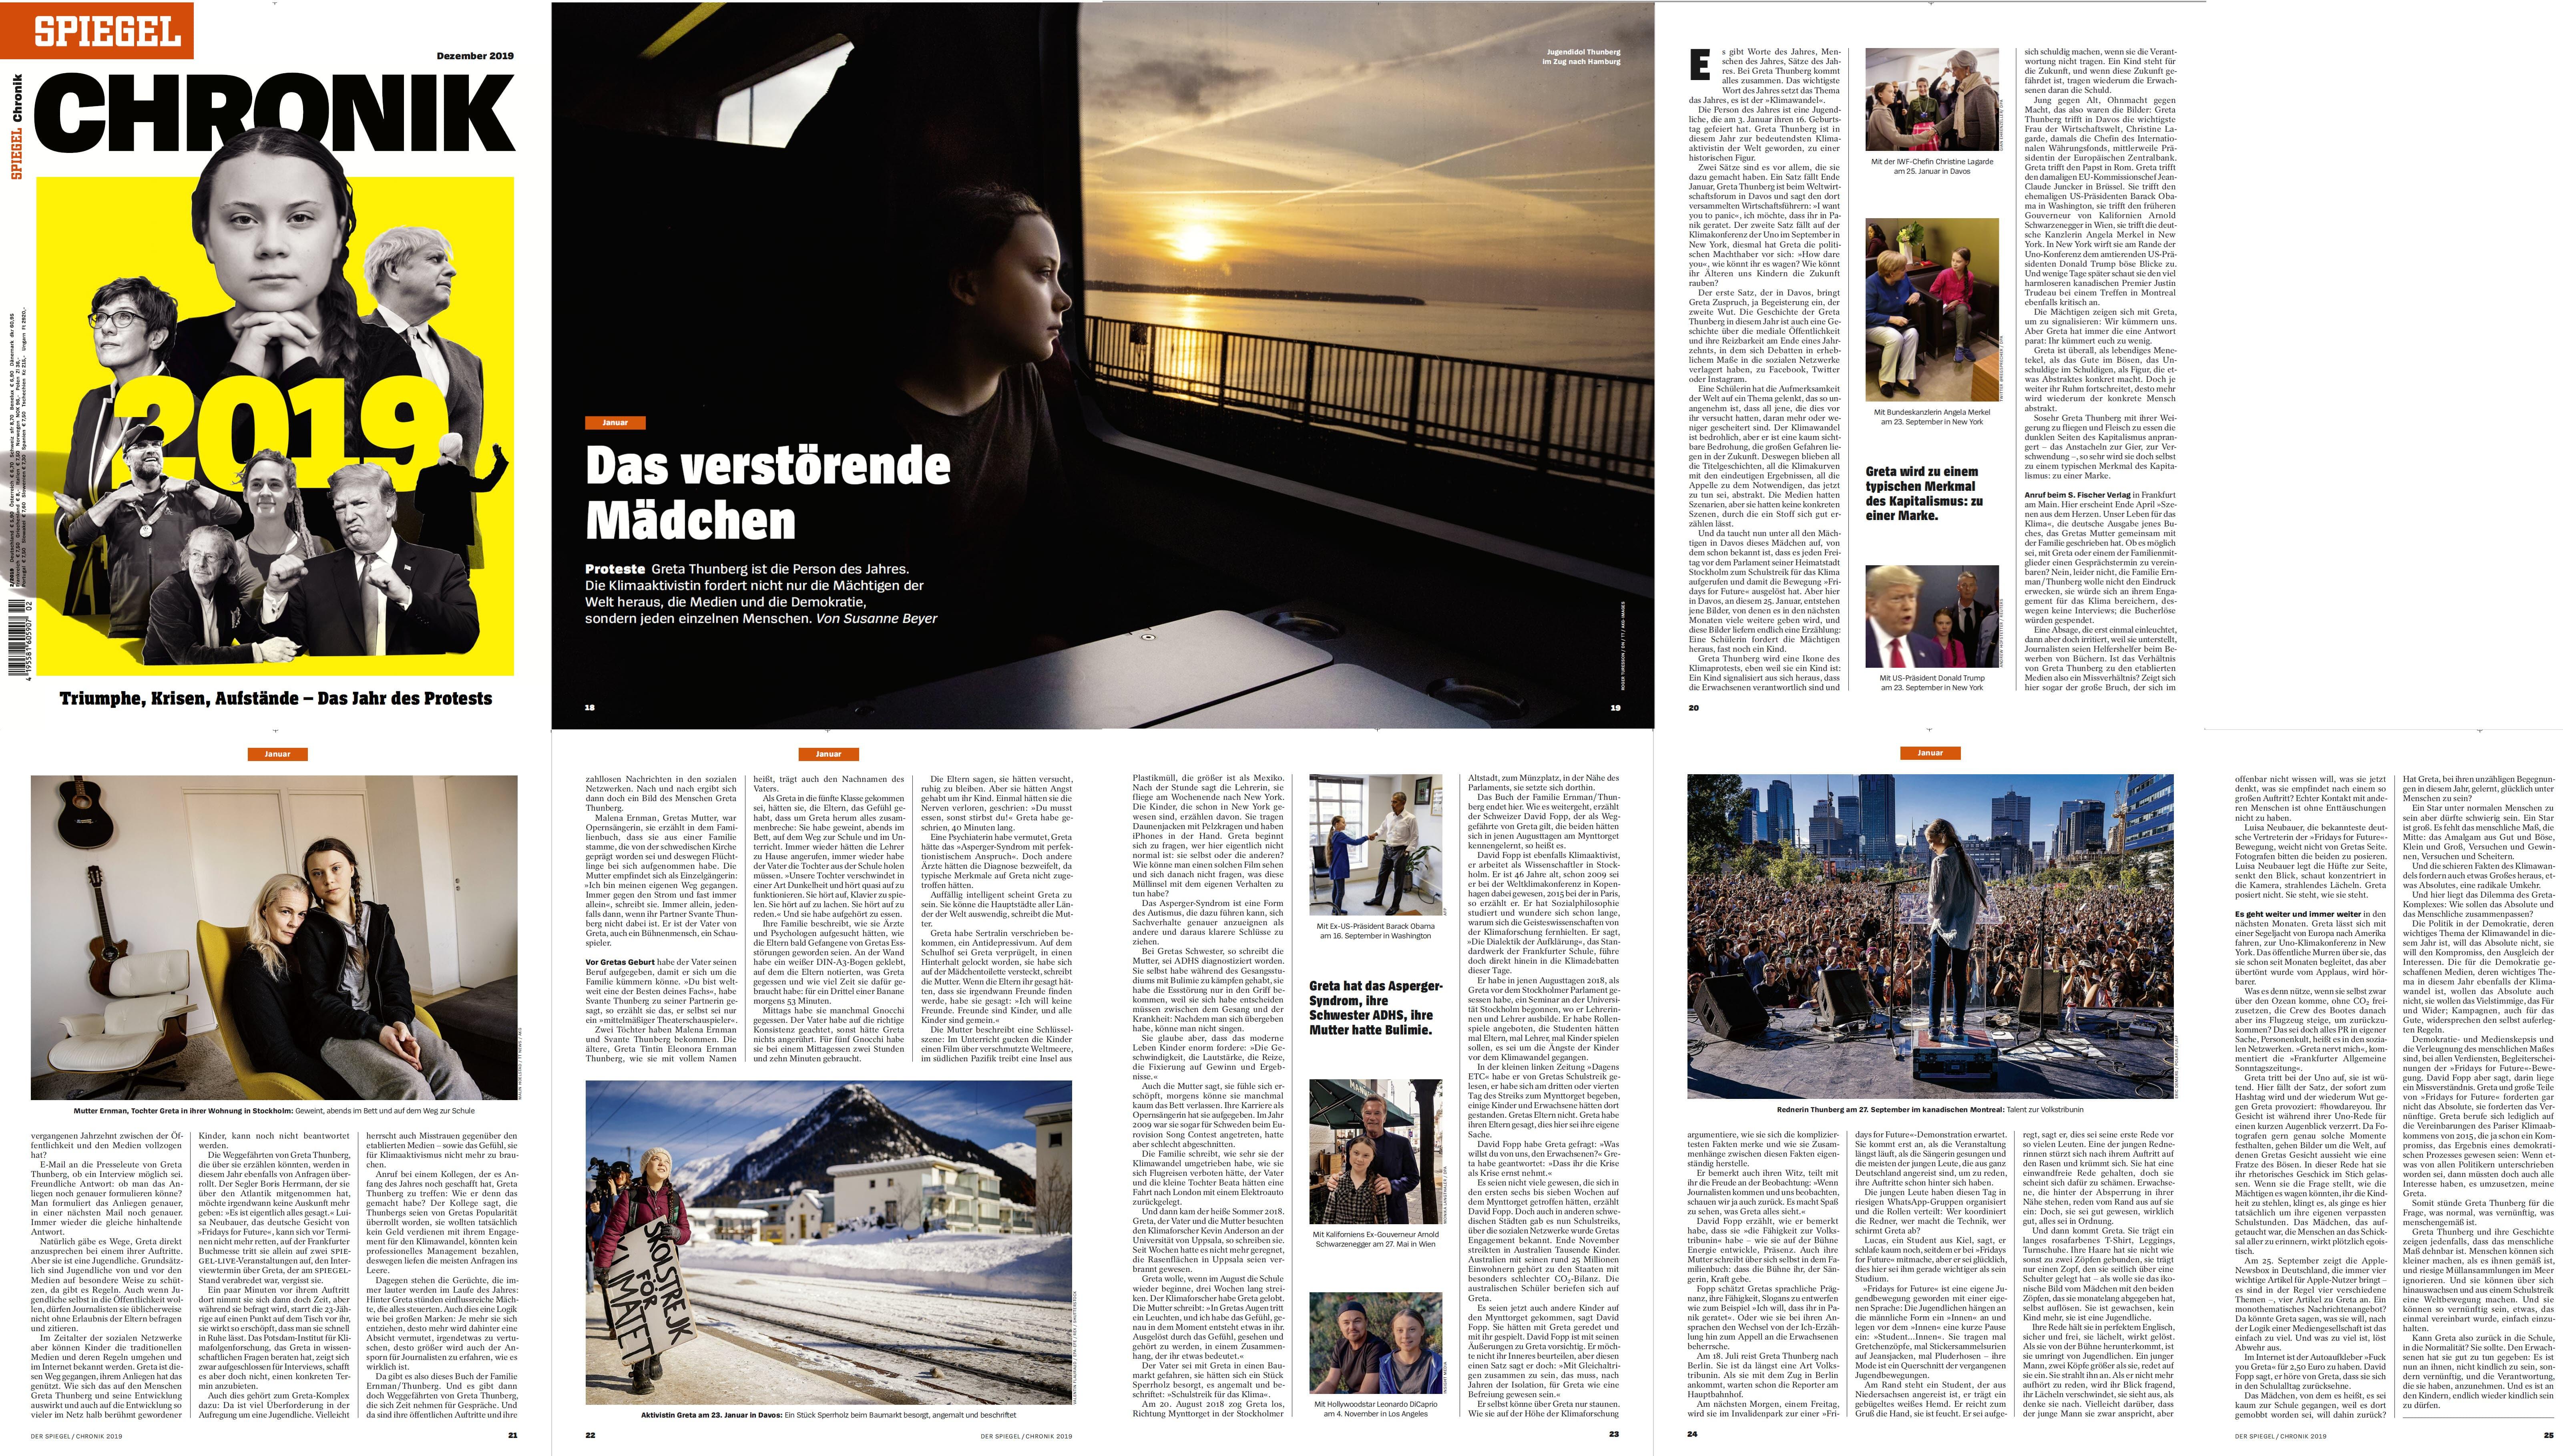 Der Spiegel chronik 2019